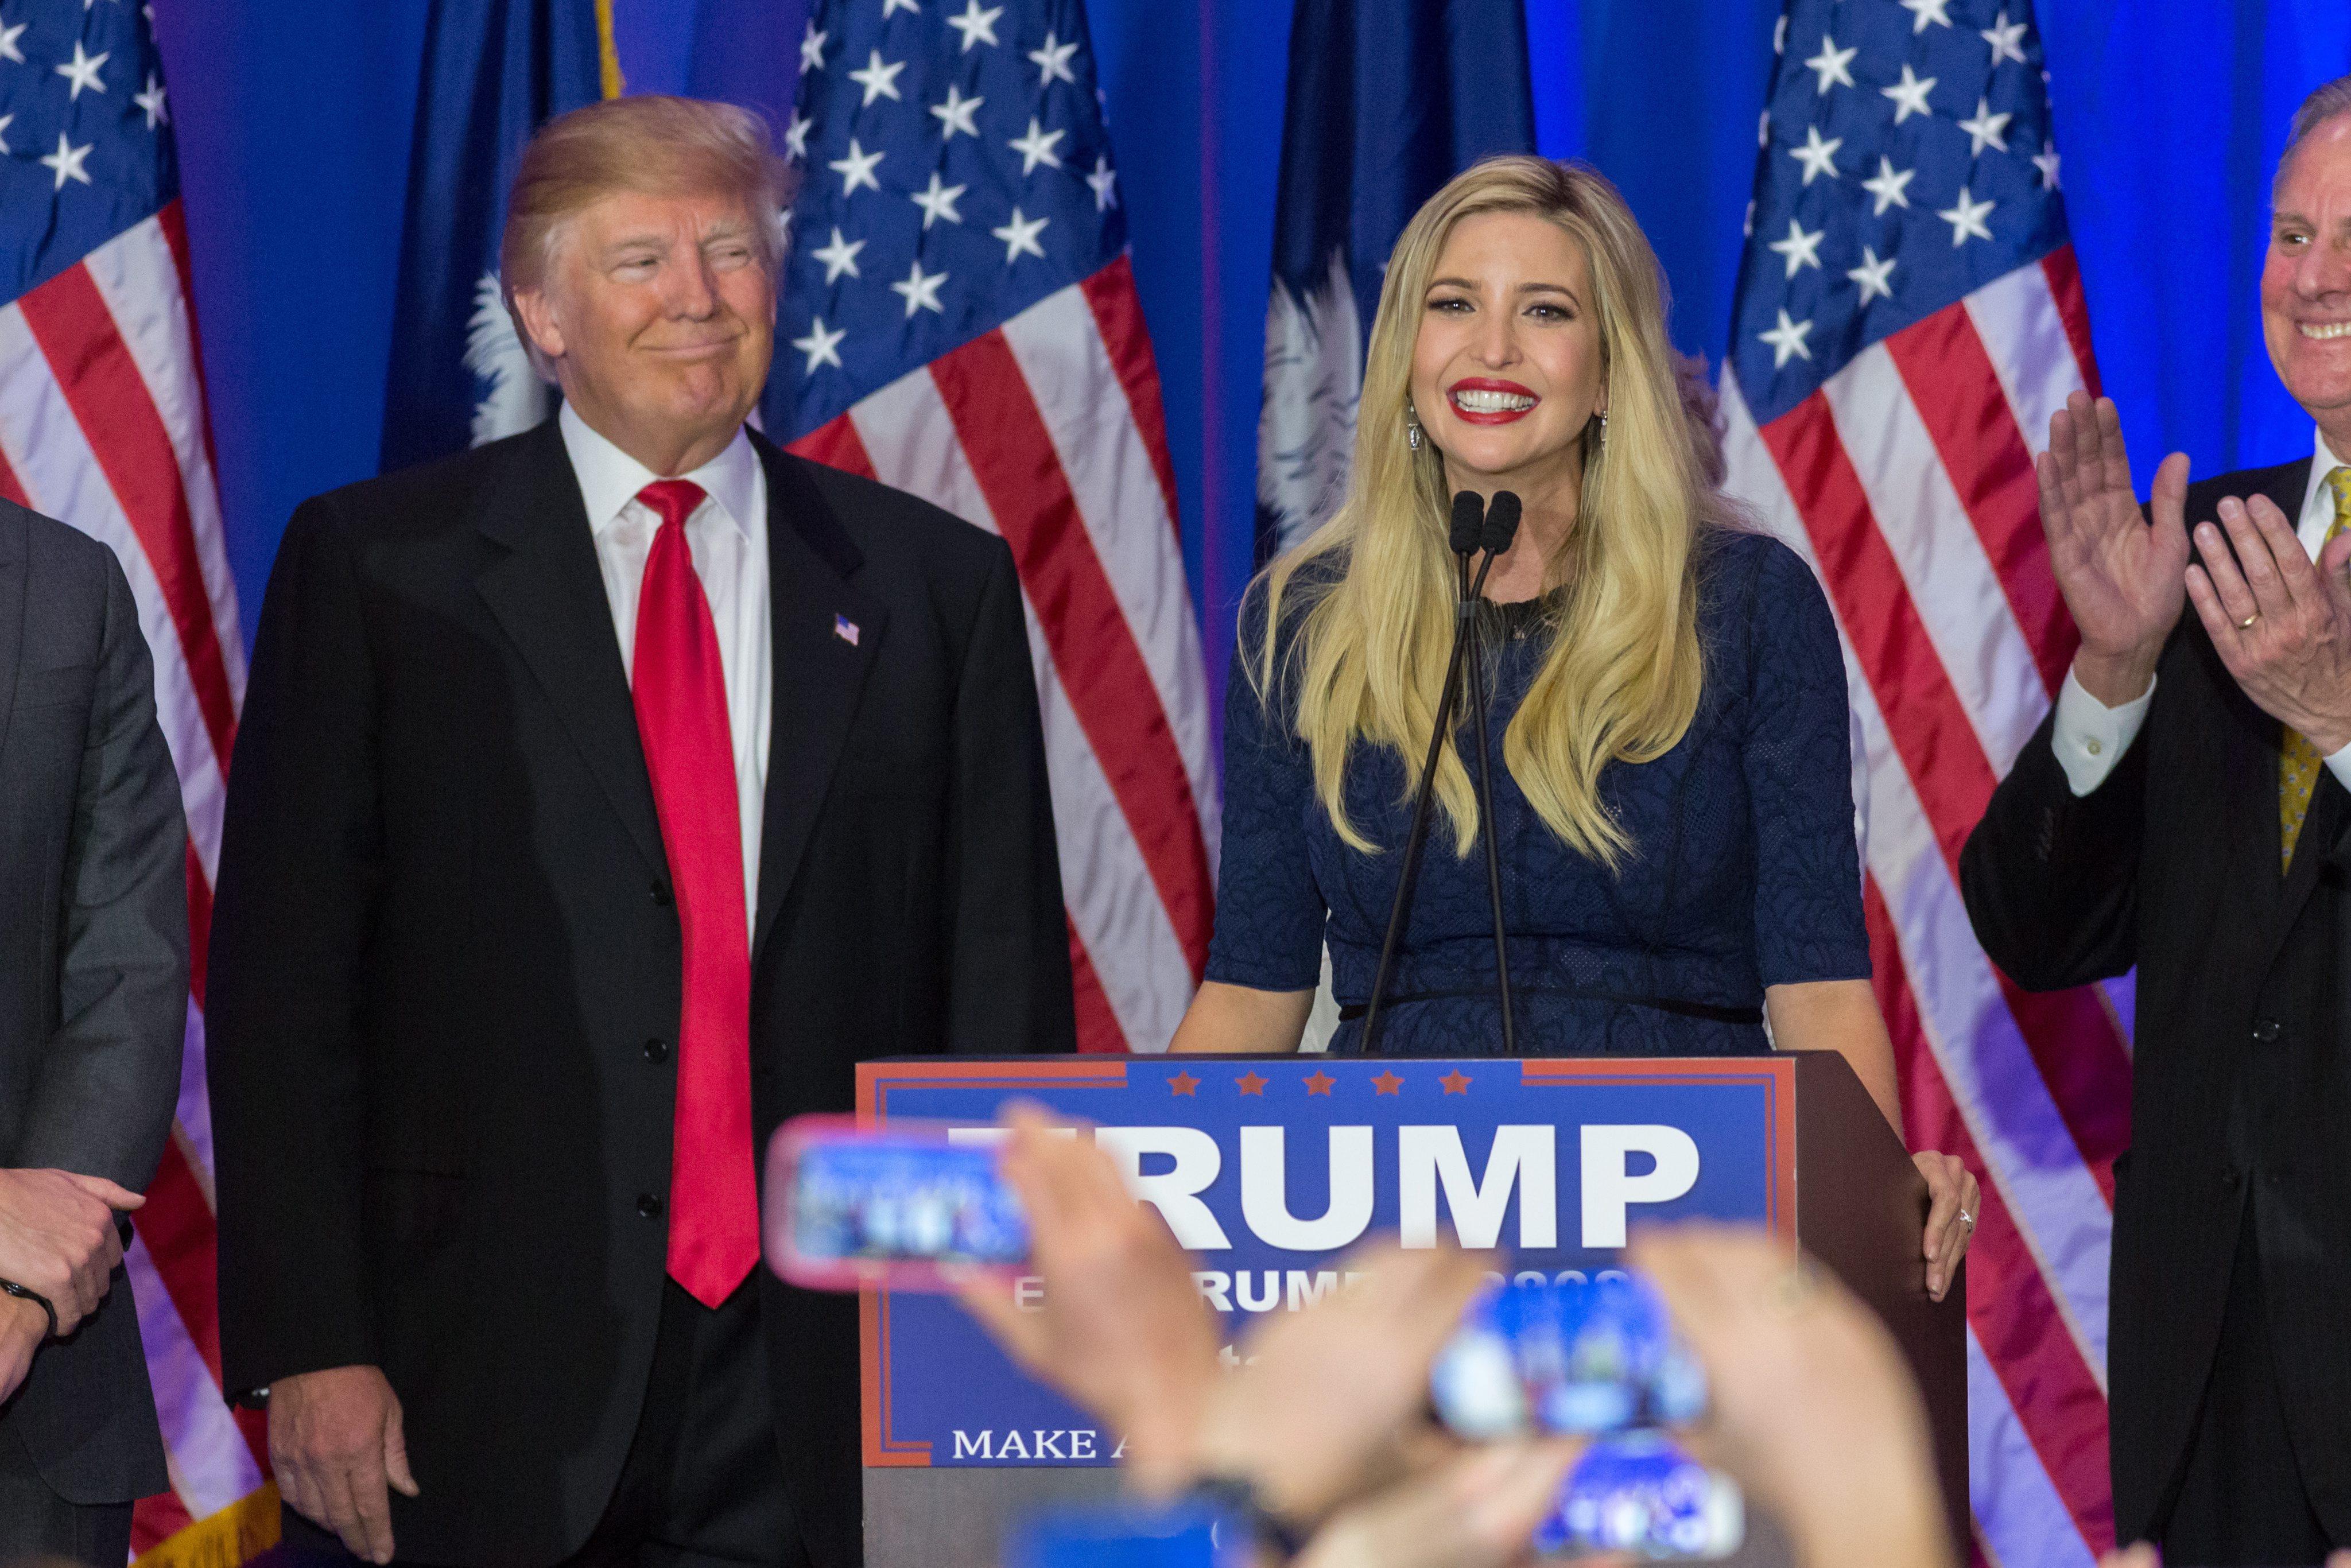 Красива и умна, Иванка Тръмп е любимата дъщеря на Доналд Тръмп. Тя е и най-ефикасното му оръжие в кампанията и дори най-яростните му противници не намират какво да кажат срещу нея. И ако някой може да помогне на републиканския кандидат за Белия дом да спечели на своя страна американските избирателки, повечето от които са враждебни към кресливия Тръмп, това е Иванка.